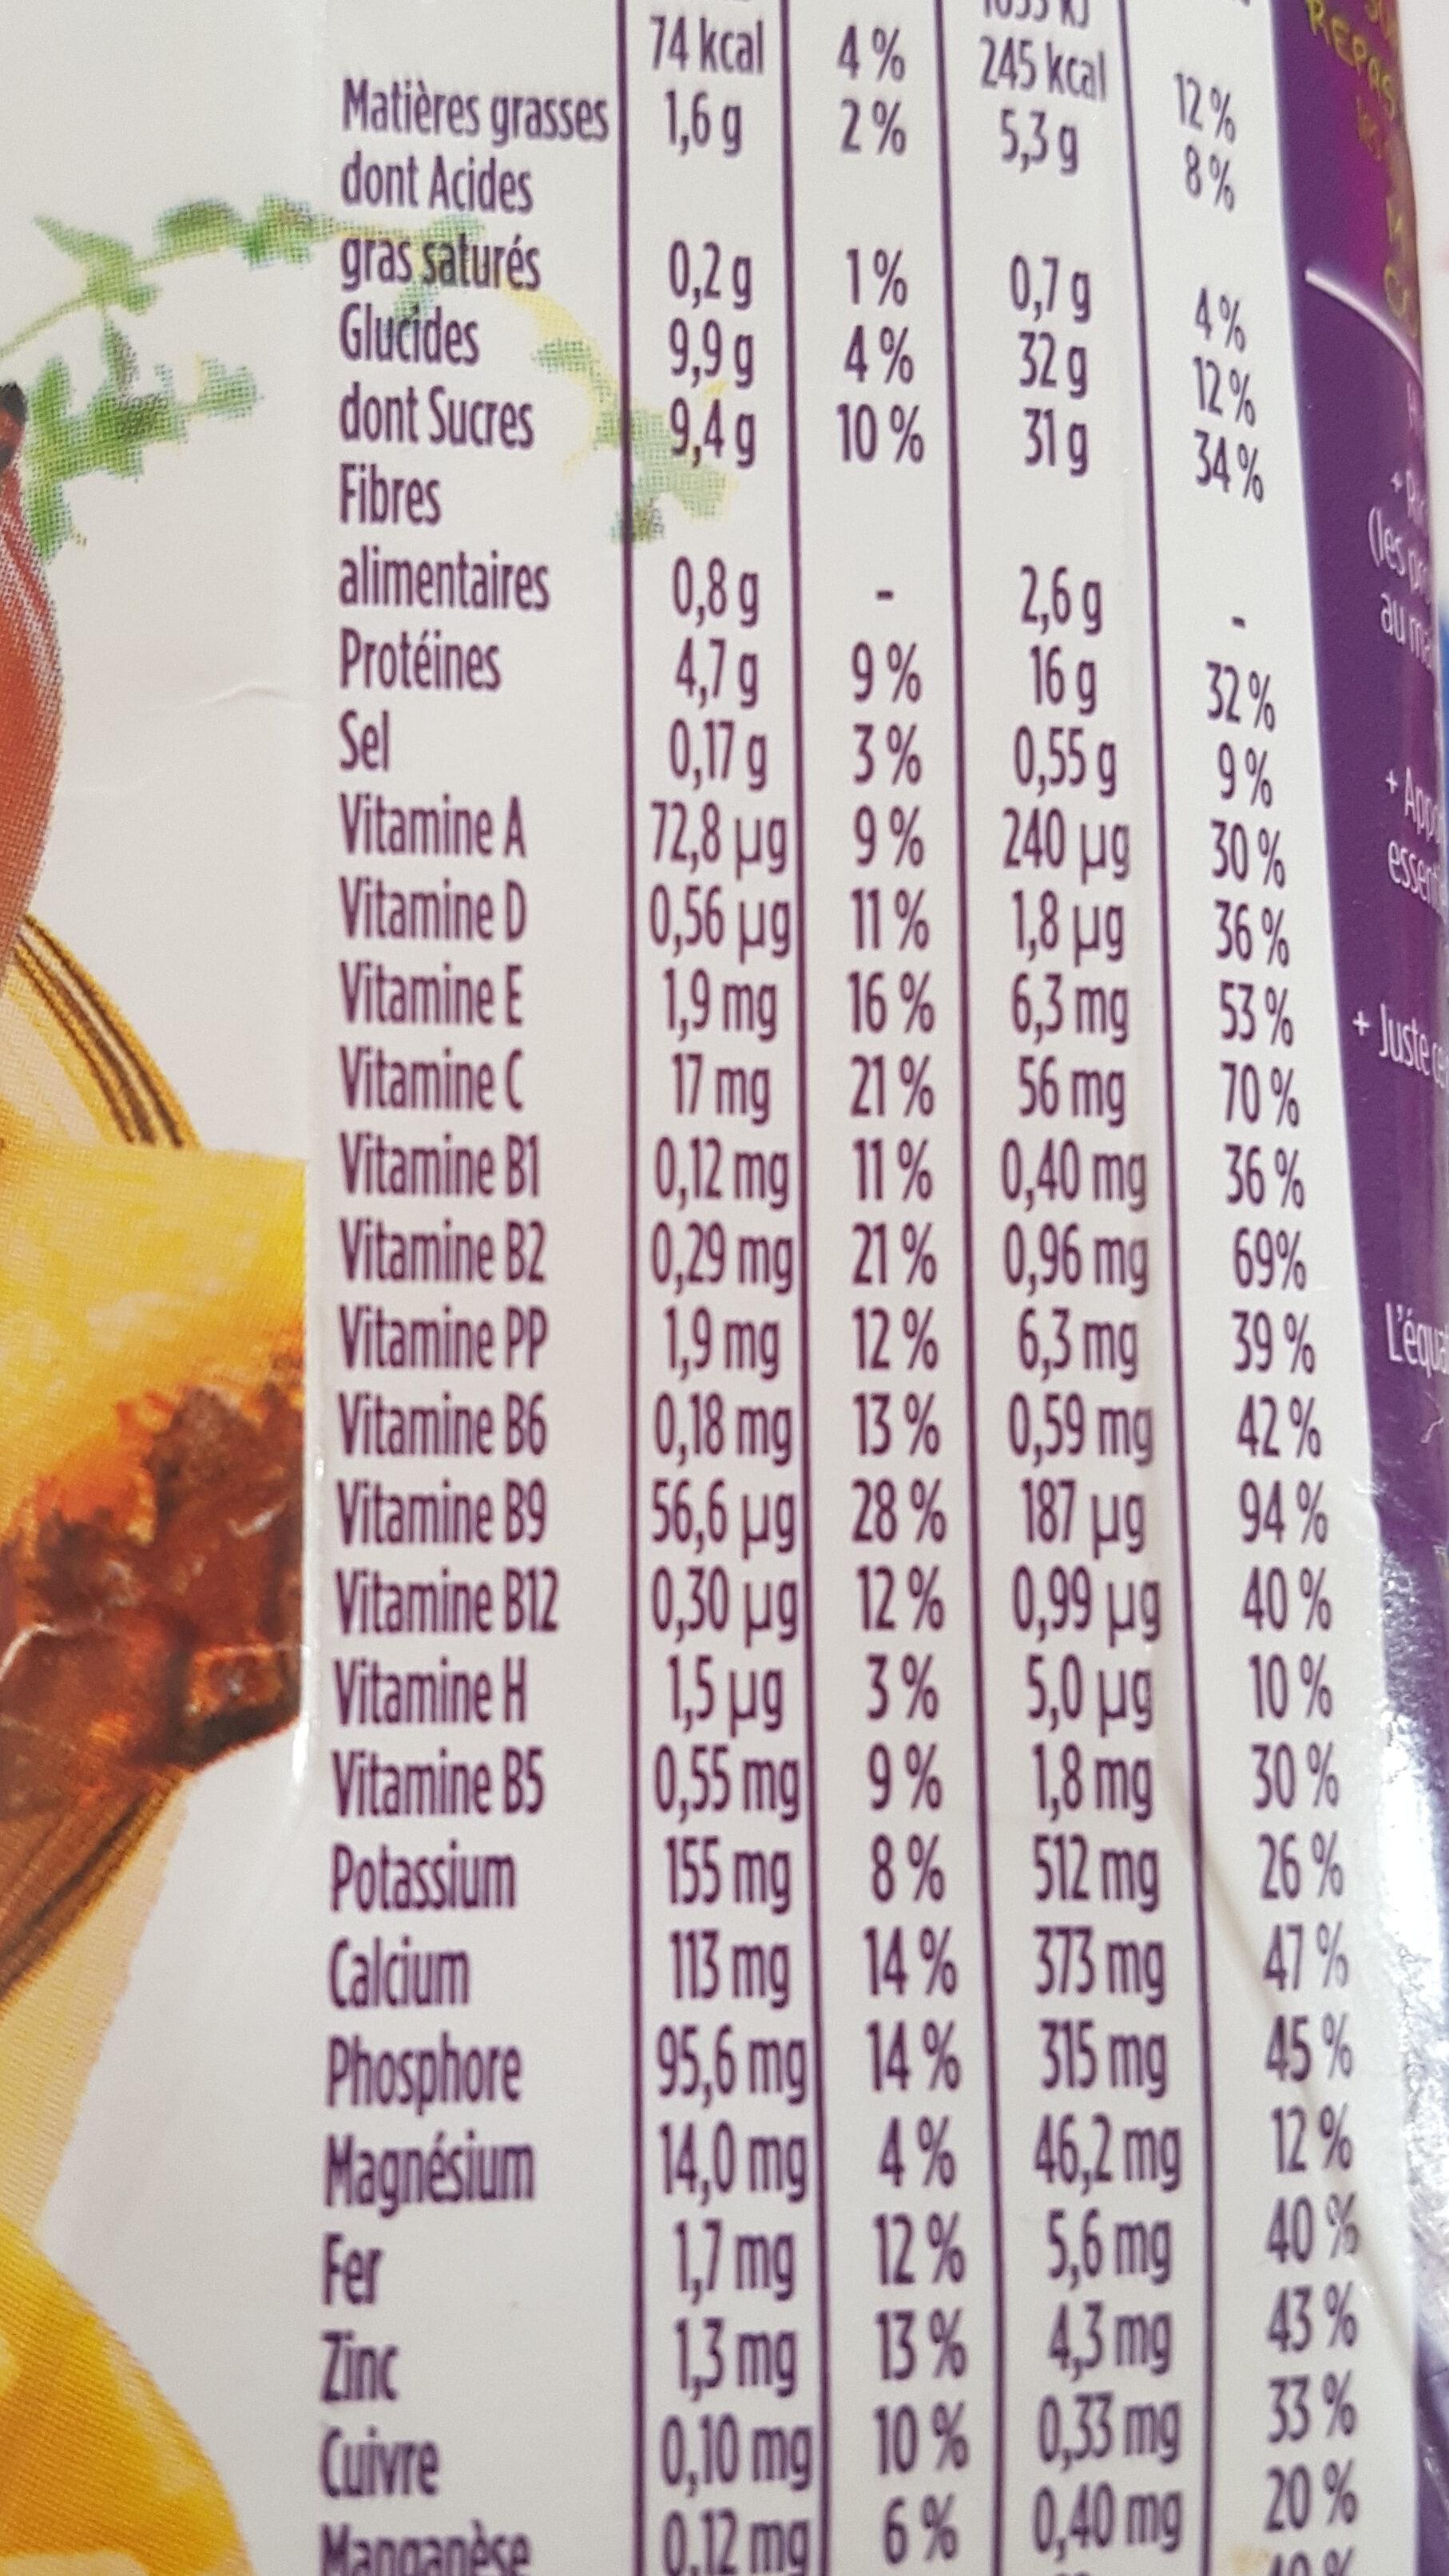 Repas complet saveur fruits exotiques - Informations nutritionnelles - fr